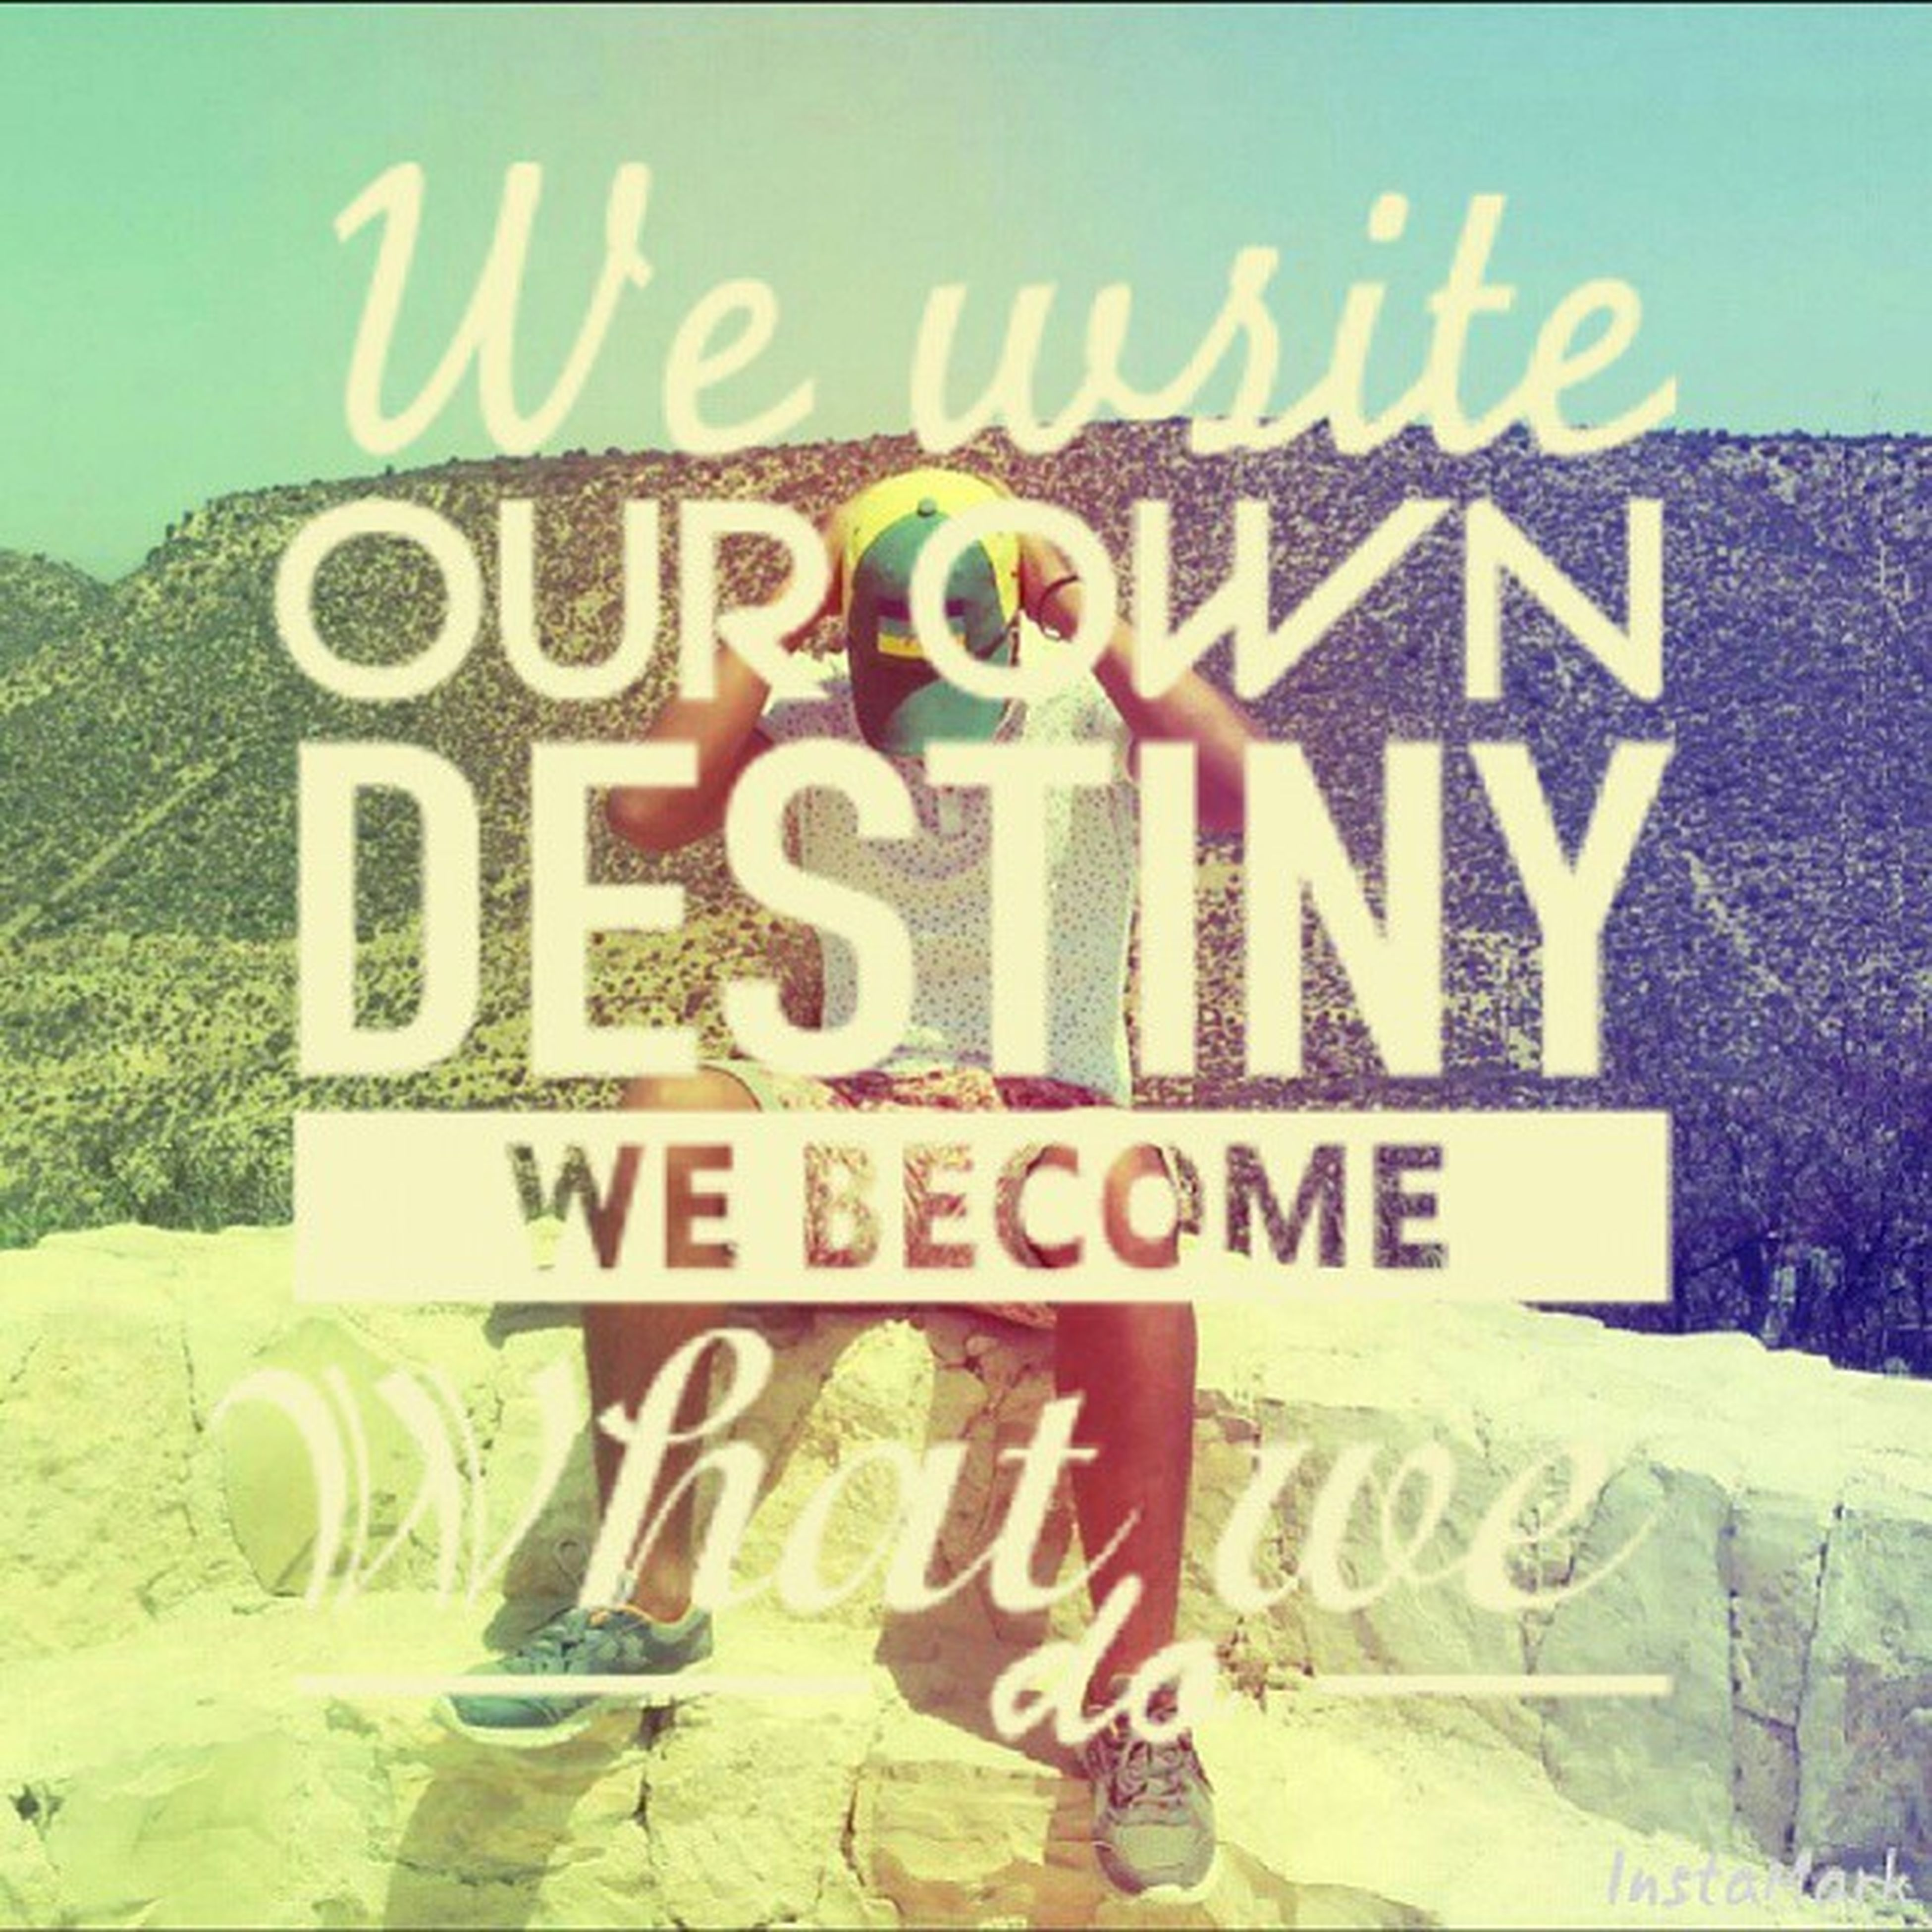 We Own Destiny Become we_do InstaMark InstaMessage InstaMirror swag amazigh Adventure Agadir ElJadida Morroco happy time friends ????